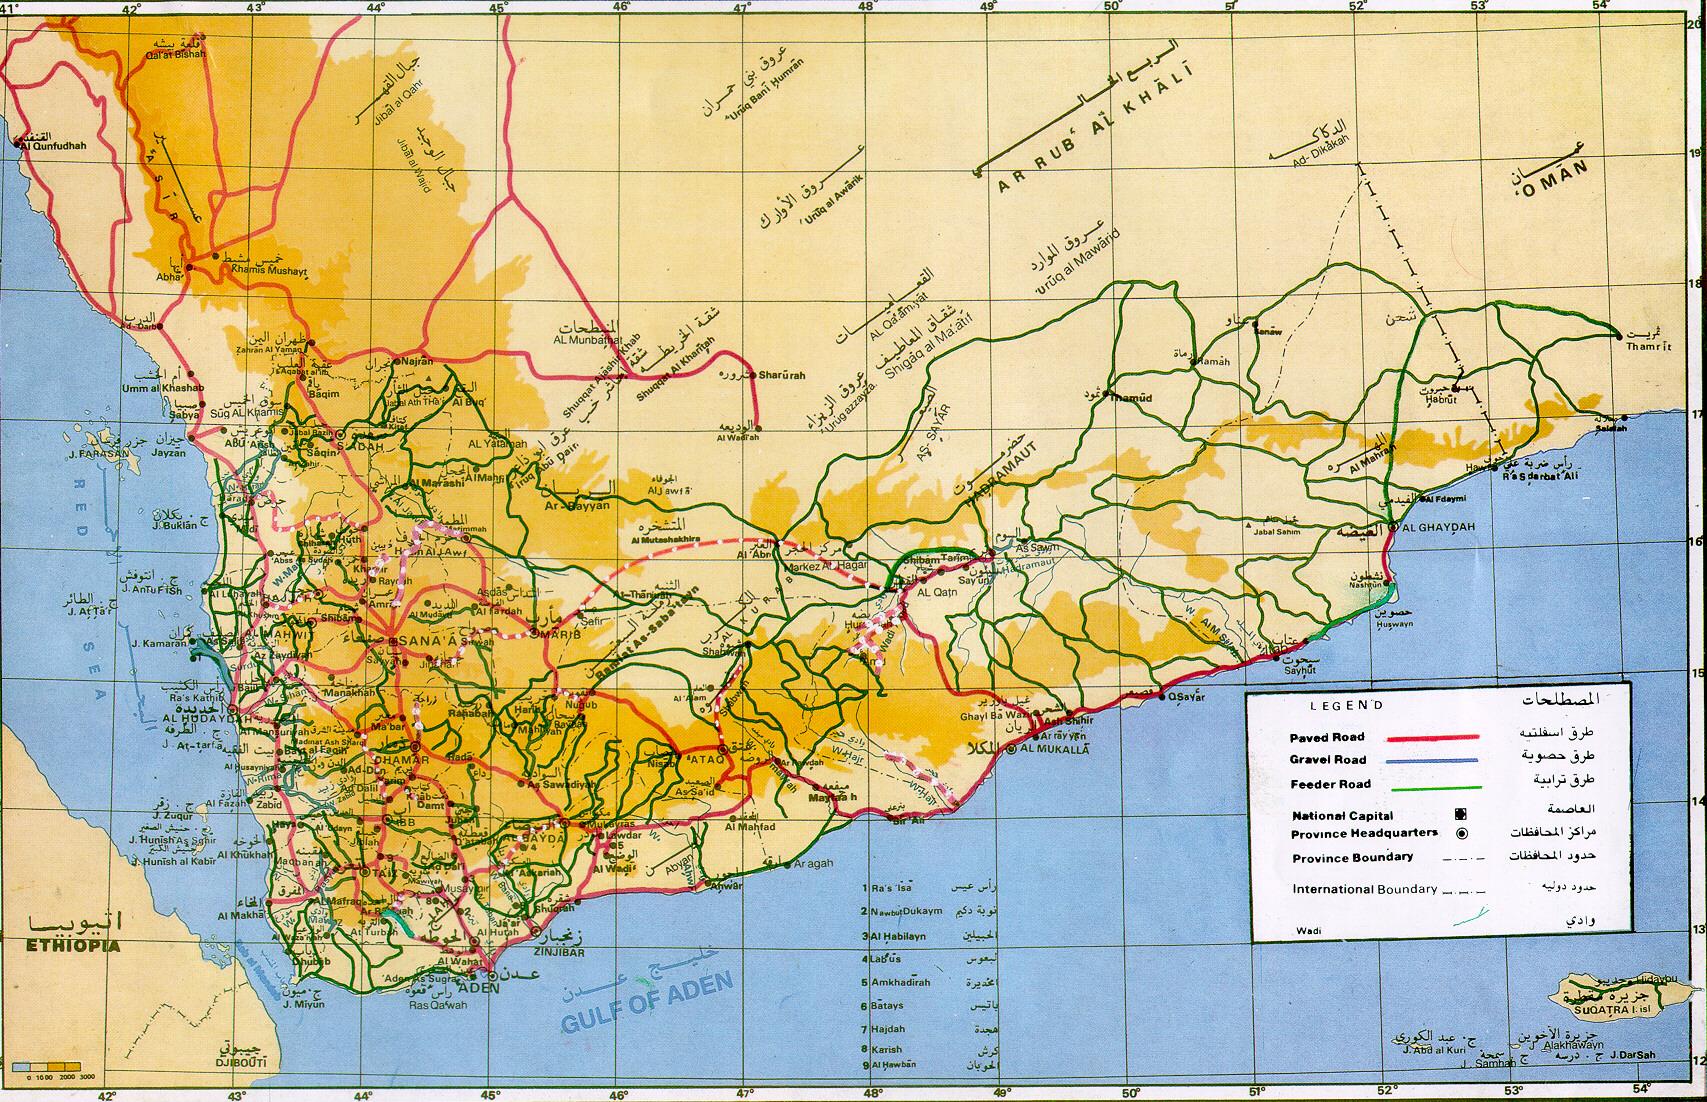 بالصور خريطة اليمن التفصيلية بالصور الواضحة والمفصلة 3208 2